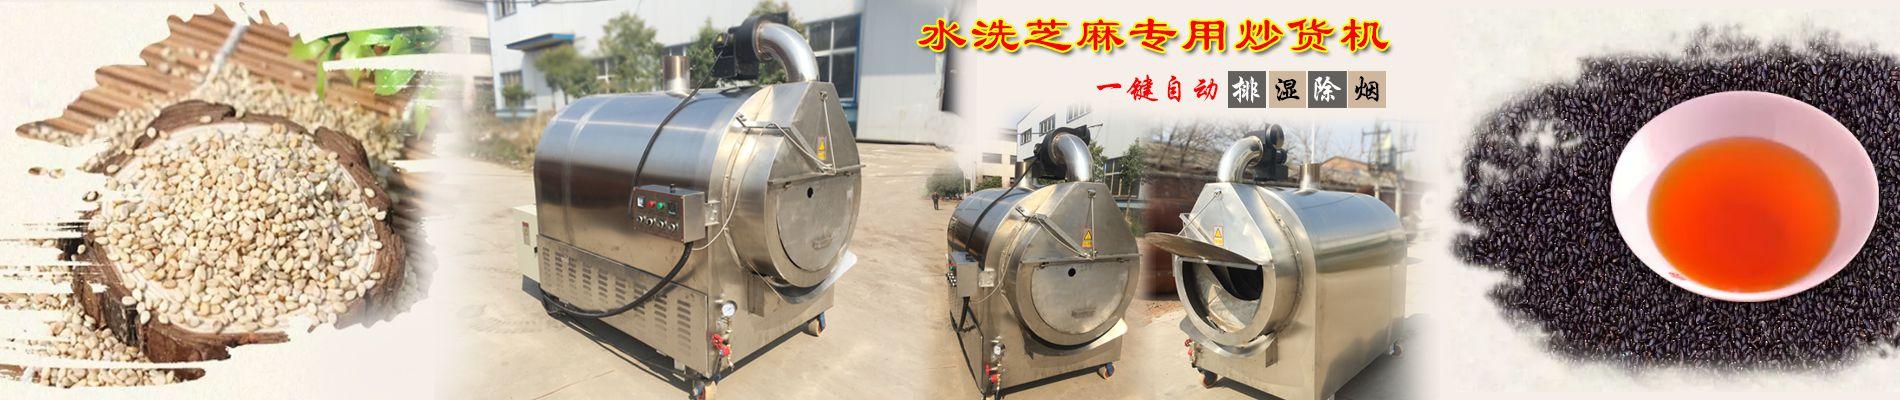 水洗芝麻专业炒货机